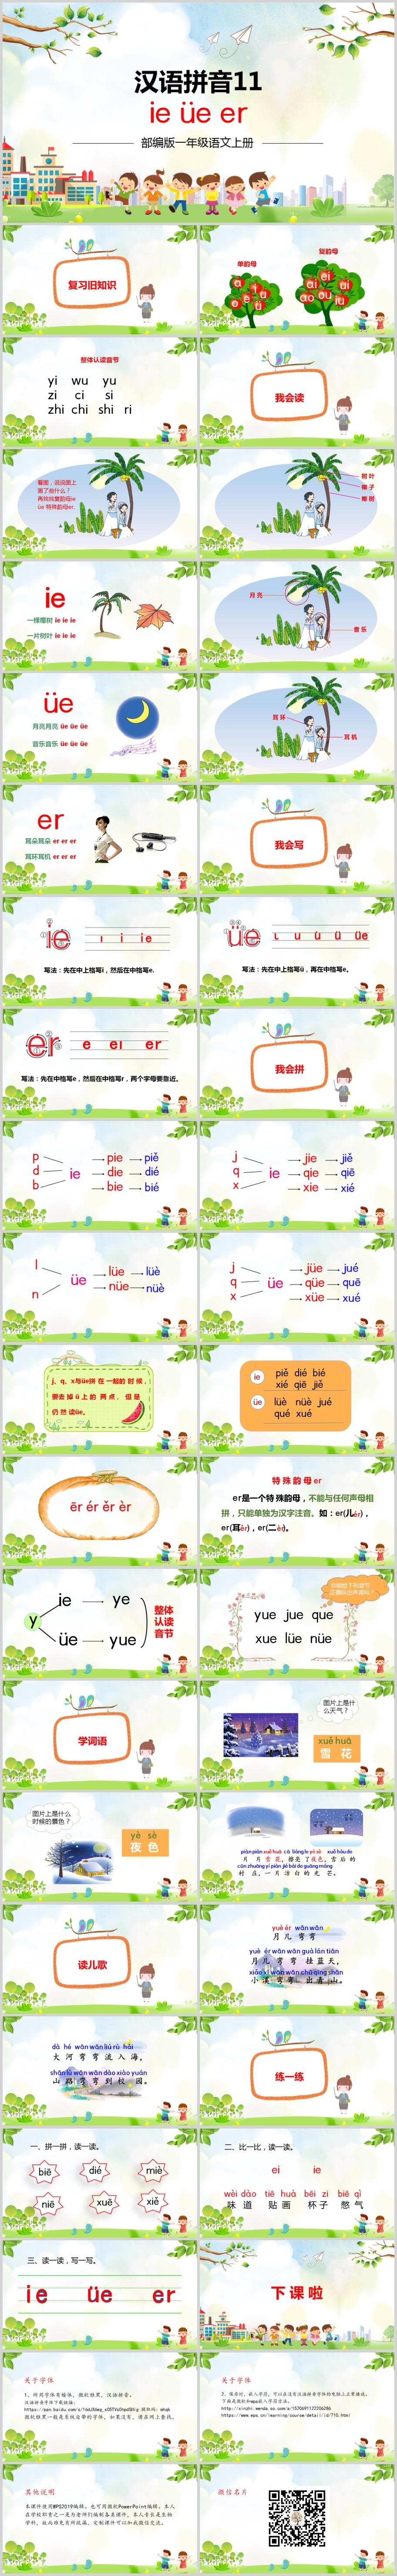 汉语拼音11all.jpg